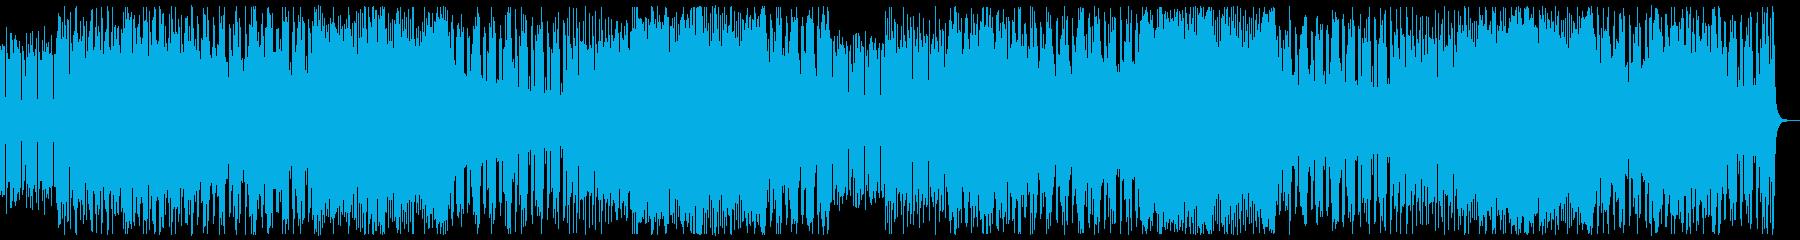 和楽器・和風・サムライヒーロー:フルx2の再生済みの波形